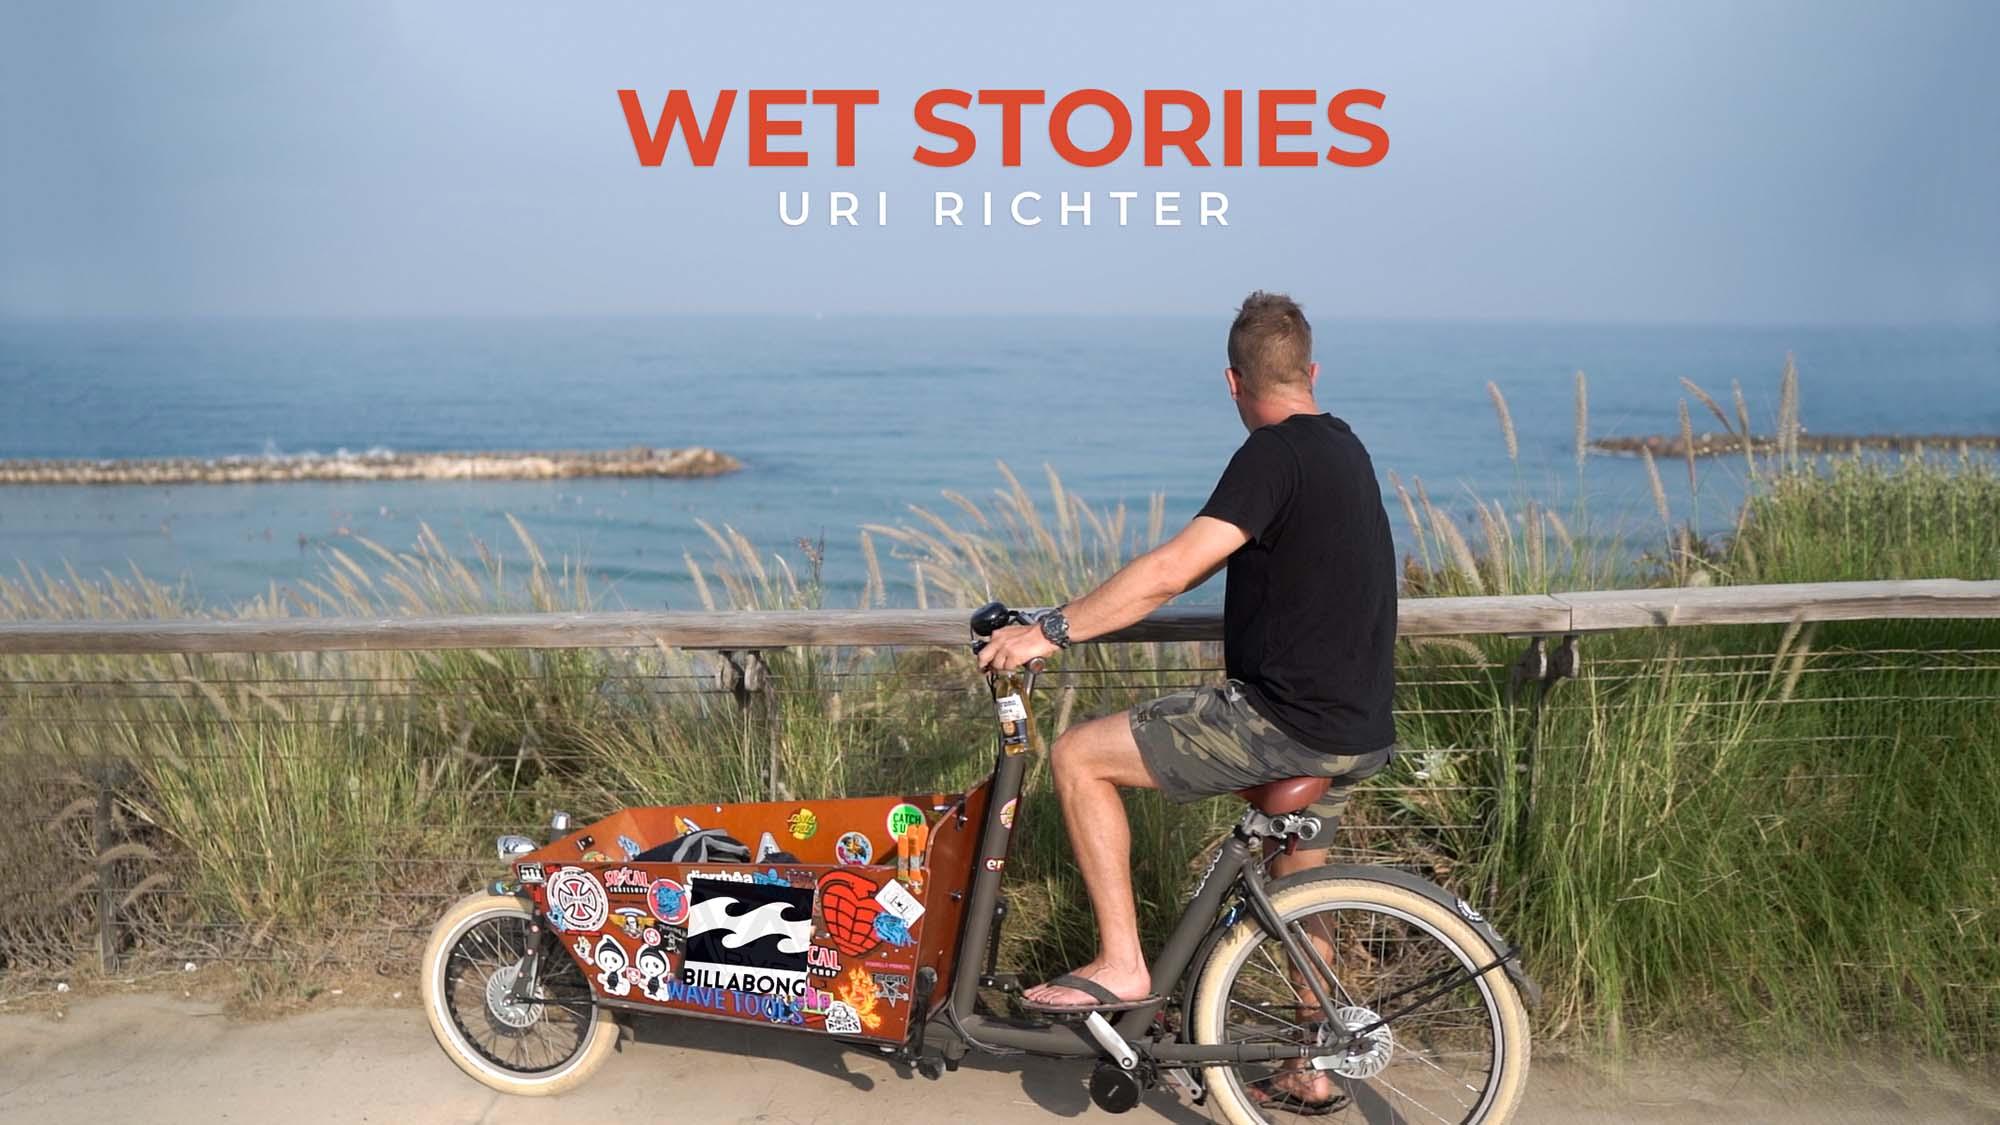 WET STORIES - URI RICHTER